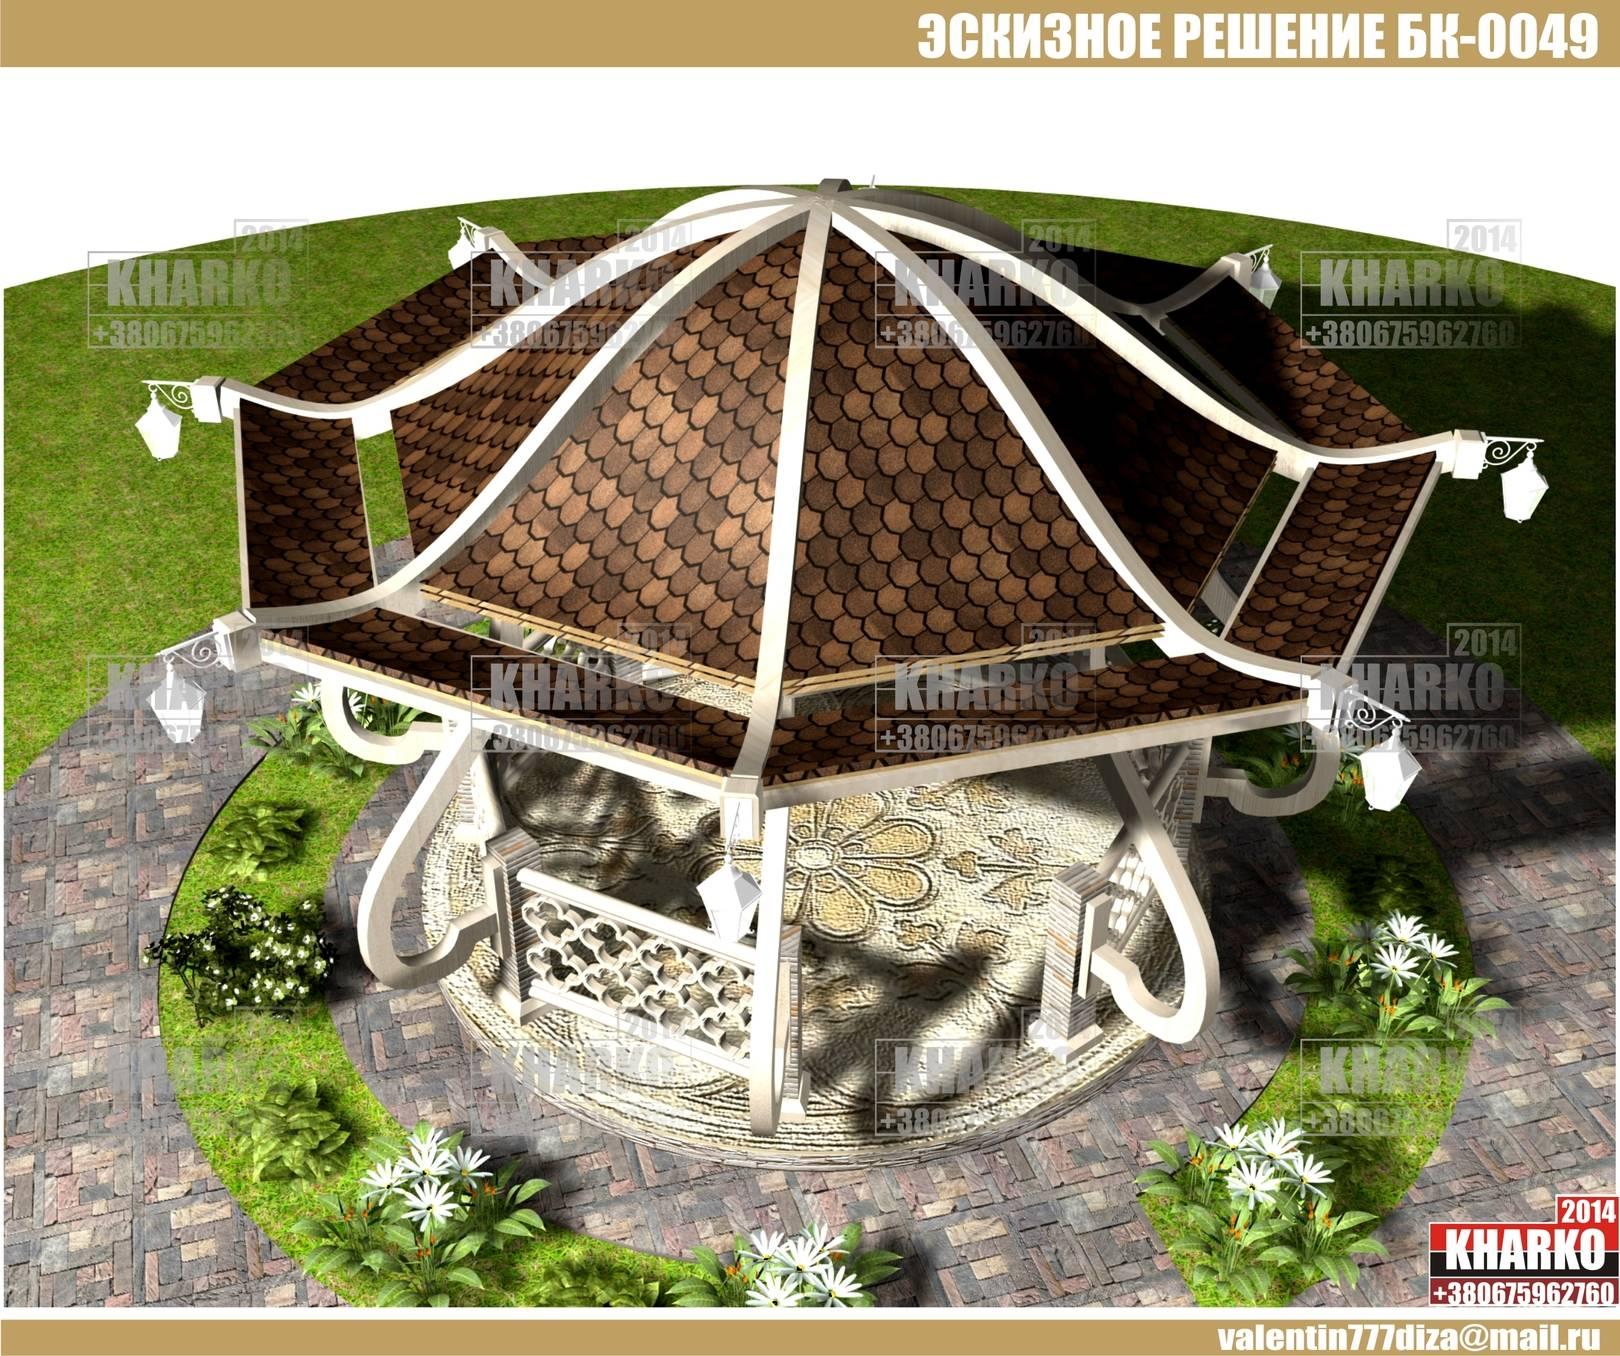 проект беседки БК-0049 (ЭТНО), project pergola, gazebo, shed